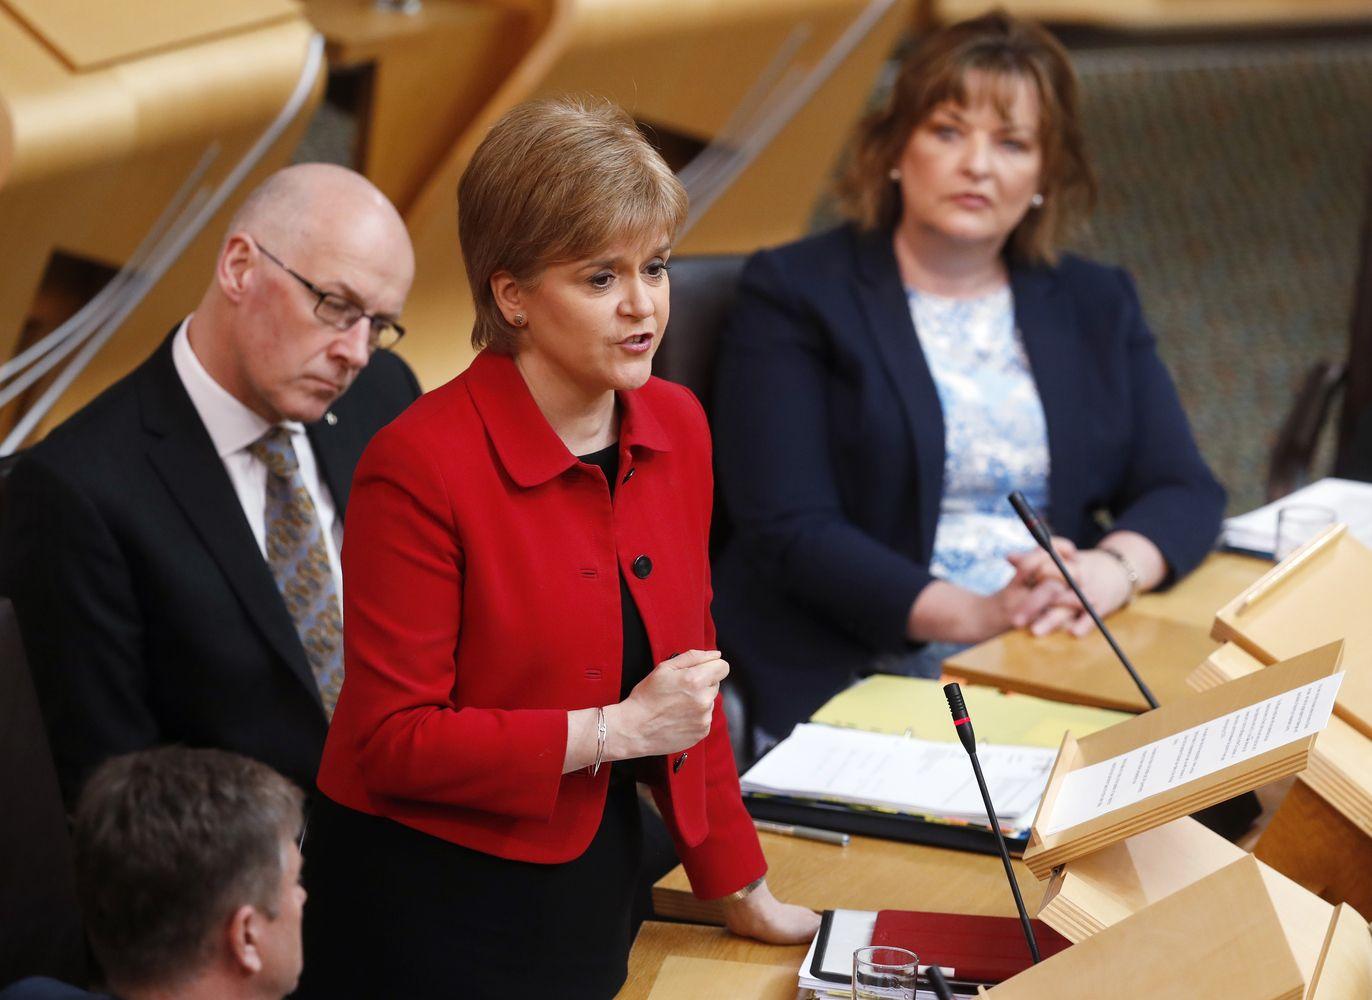 Škotai eina link referendumo, centrinė valdžia priešinasi